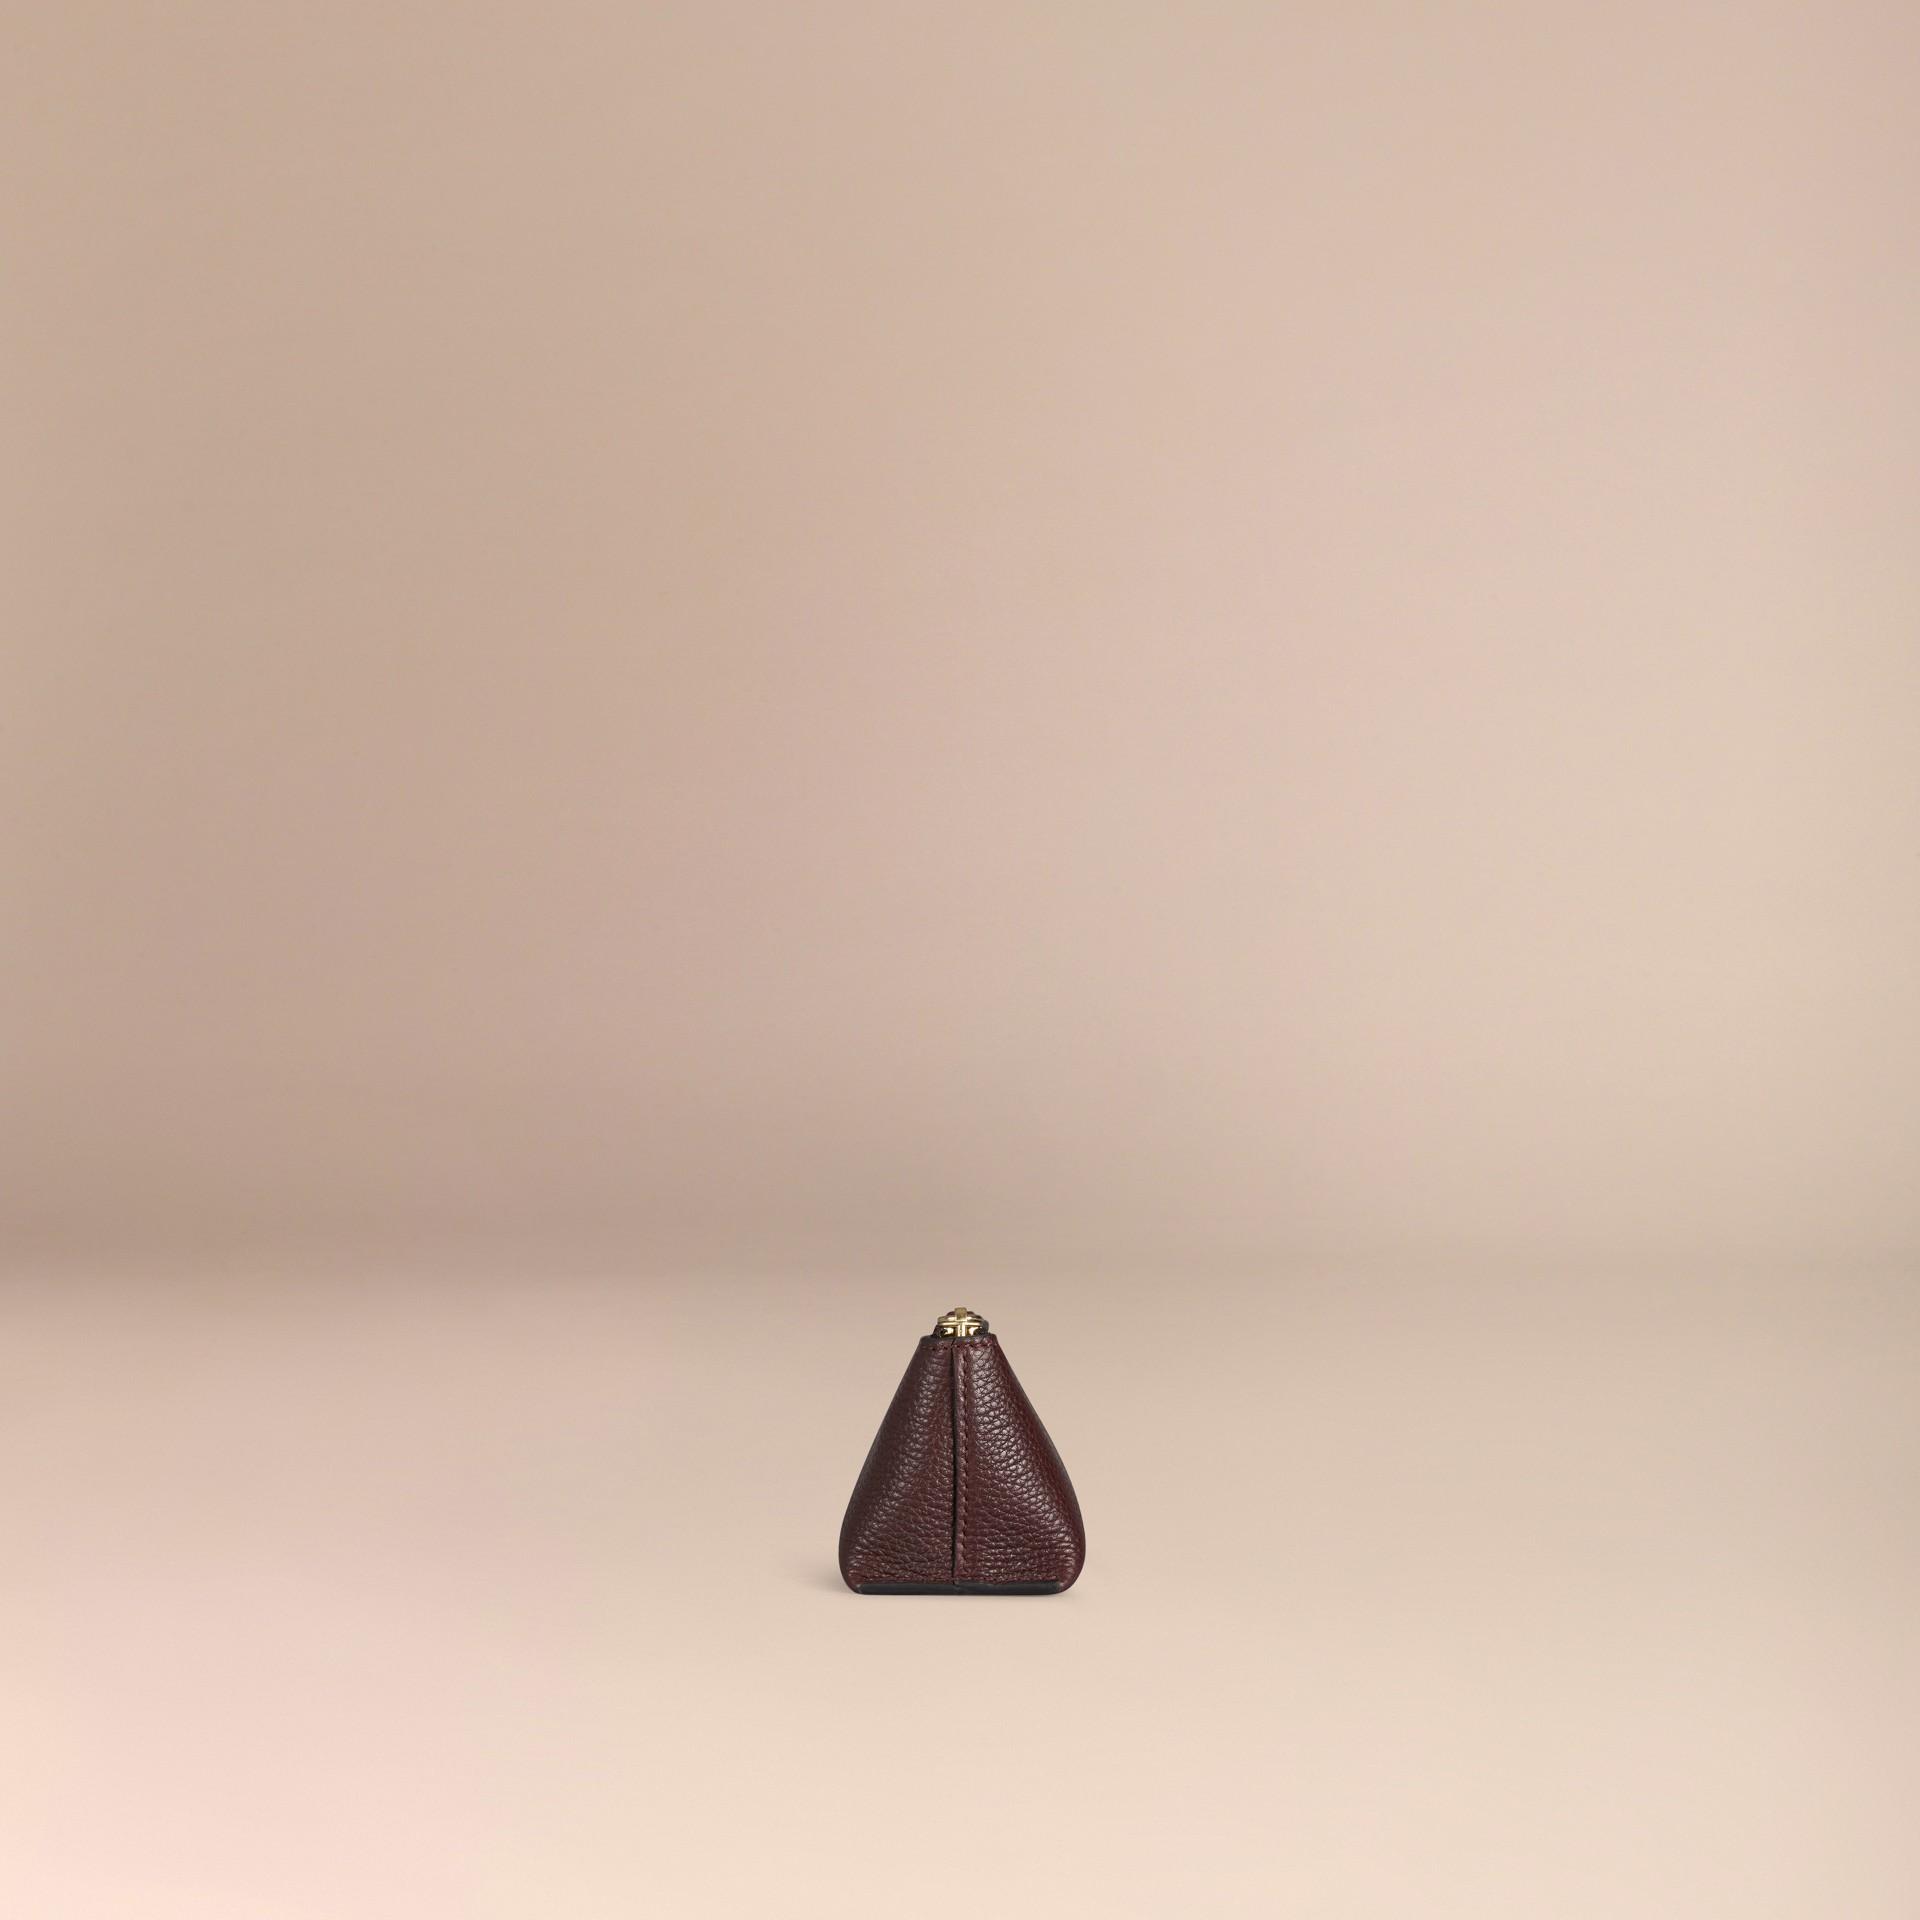 Rosso ebano Pochette piccola porta accessori digitali in pelle a grana Rosso Ebano - immagine della galleria 3